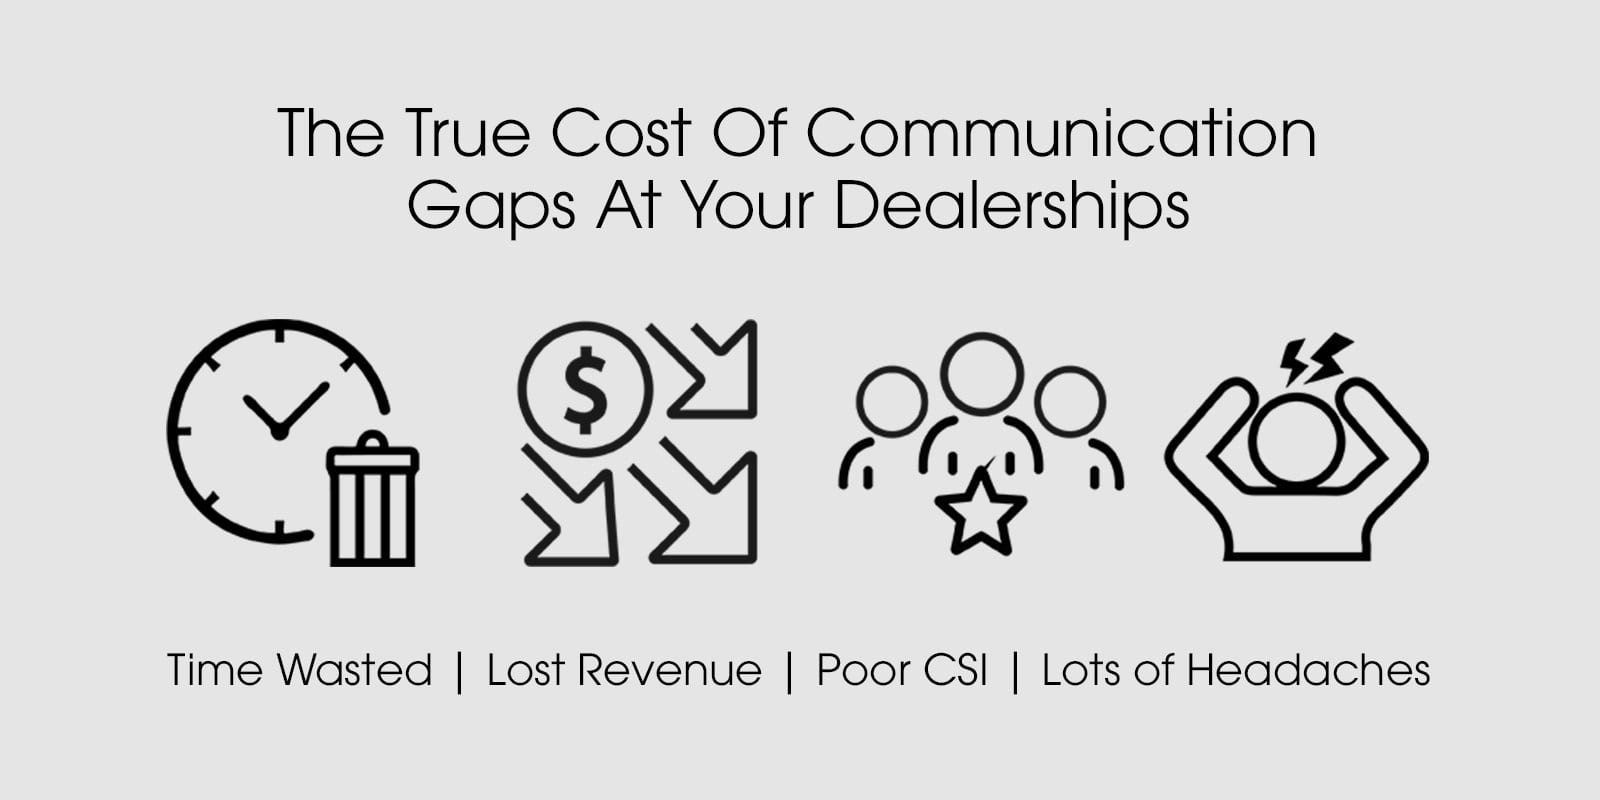 el verdadero costo de las brechas de comunicación en su concesionario